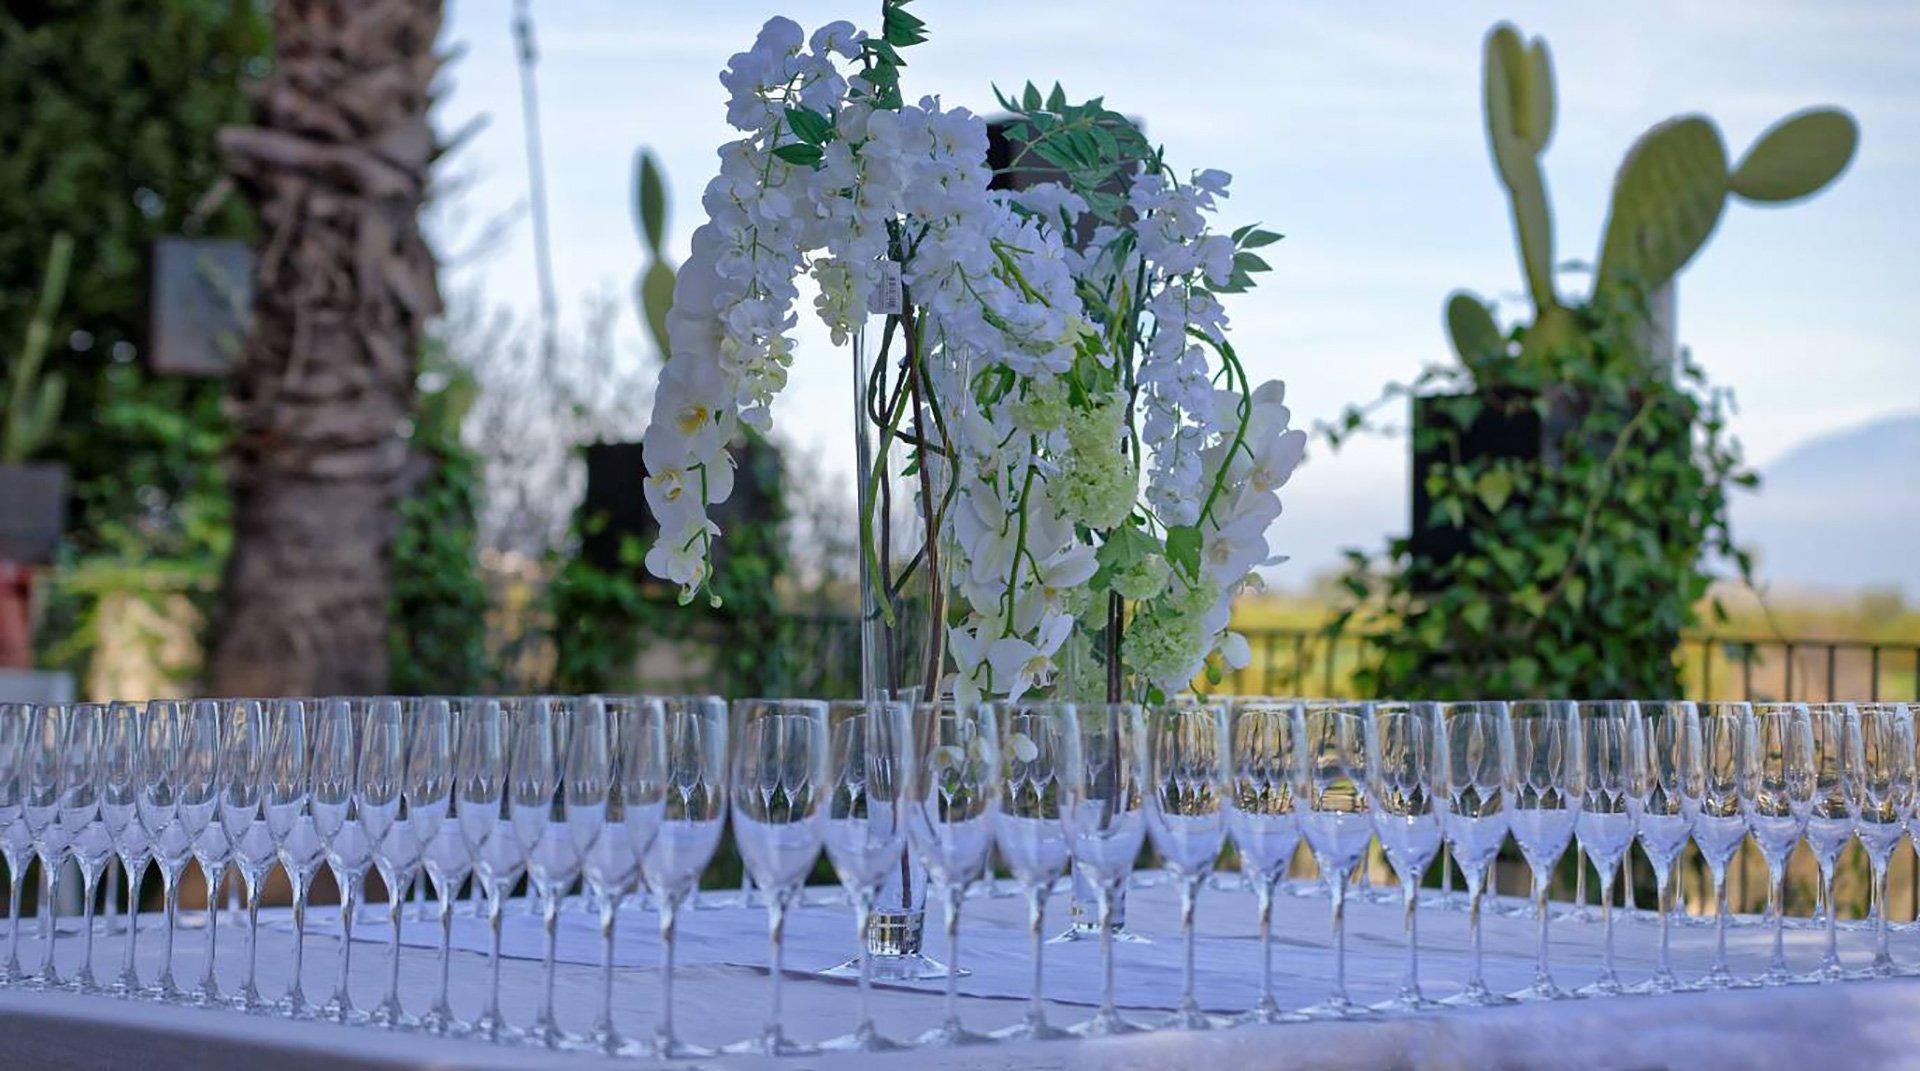 Cristalleria preparata, fiori bianchi accanto